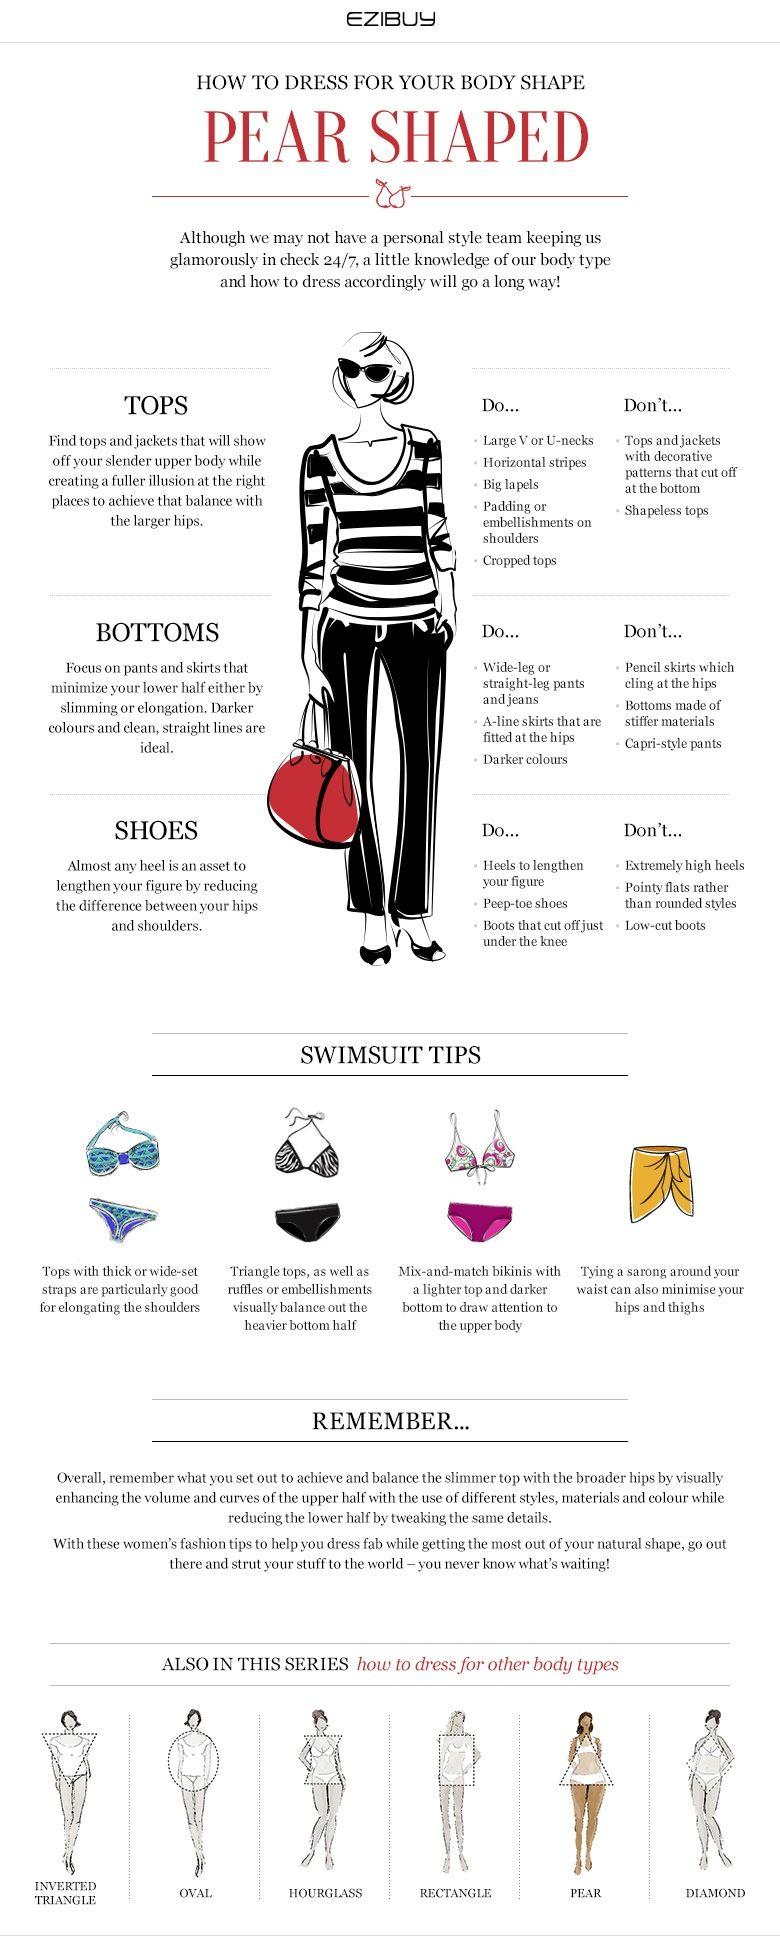 65e49a88698 Pear shape - How to dress for your body shape Narrow waist